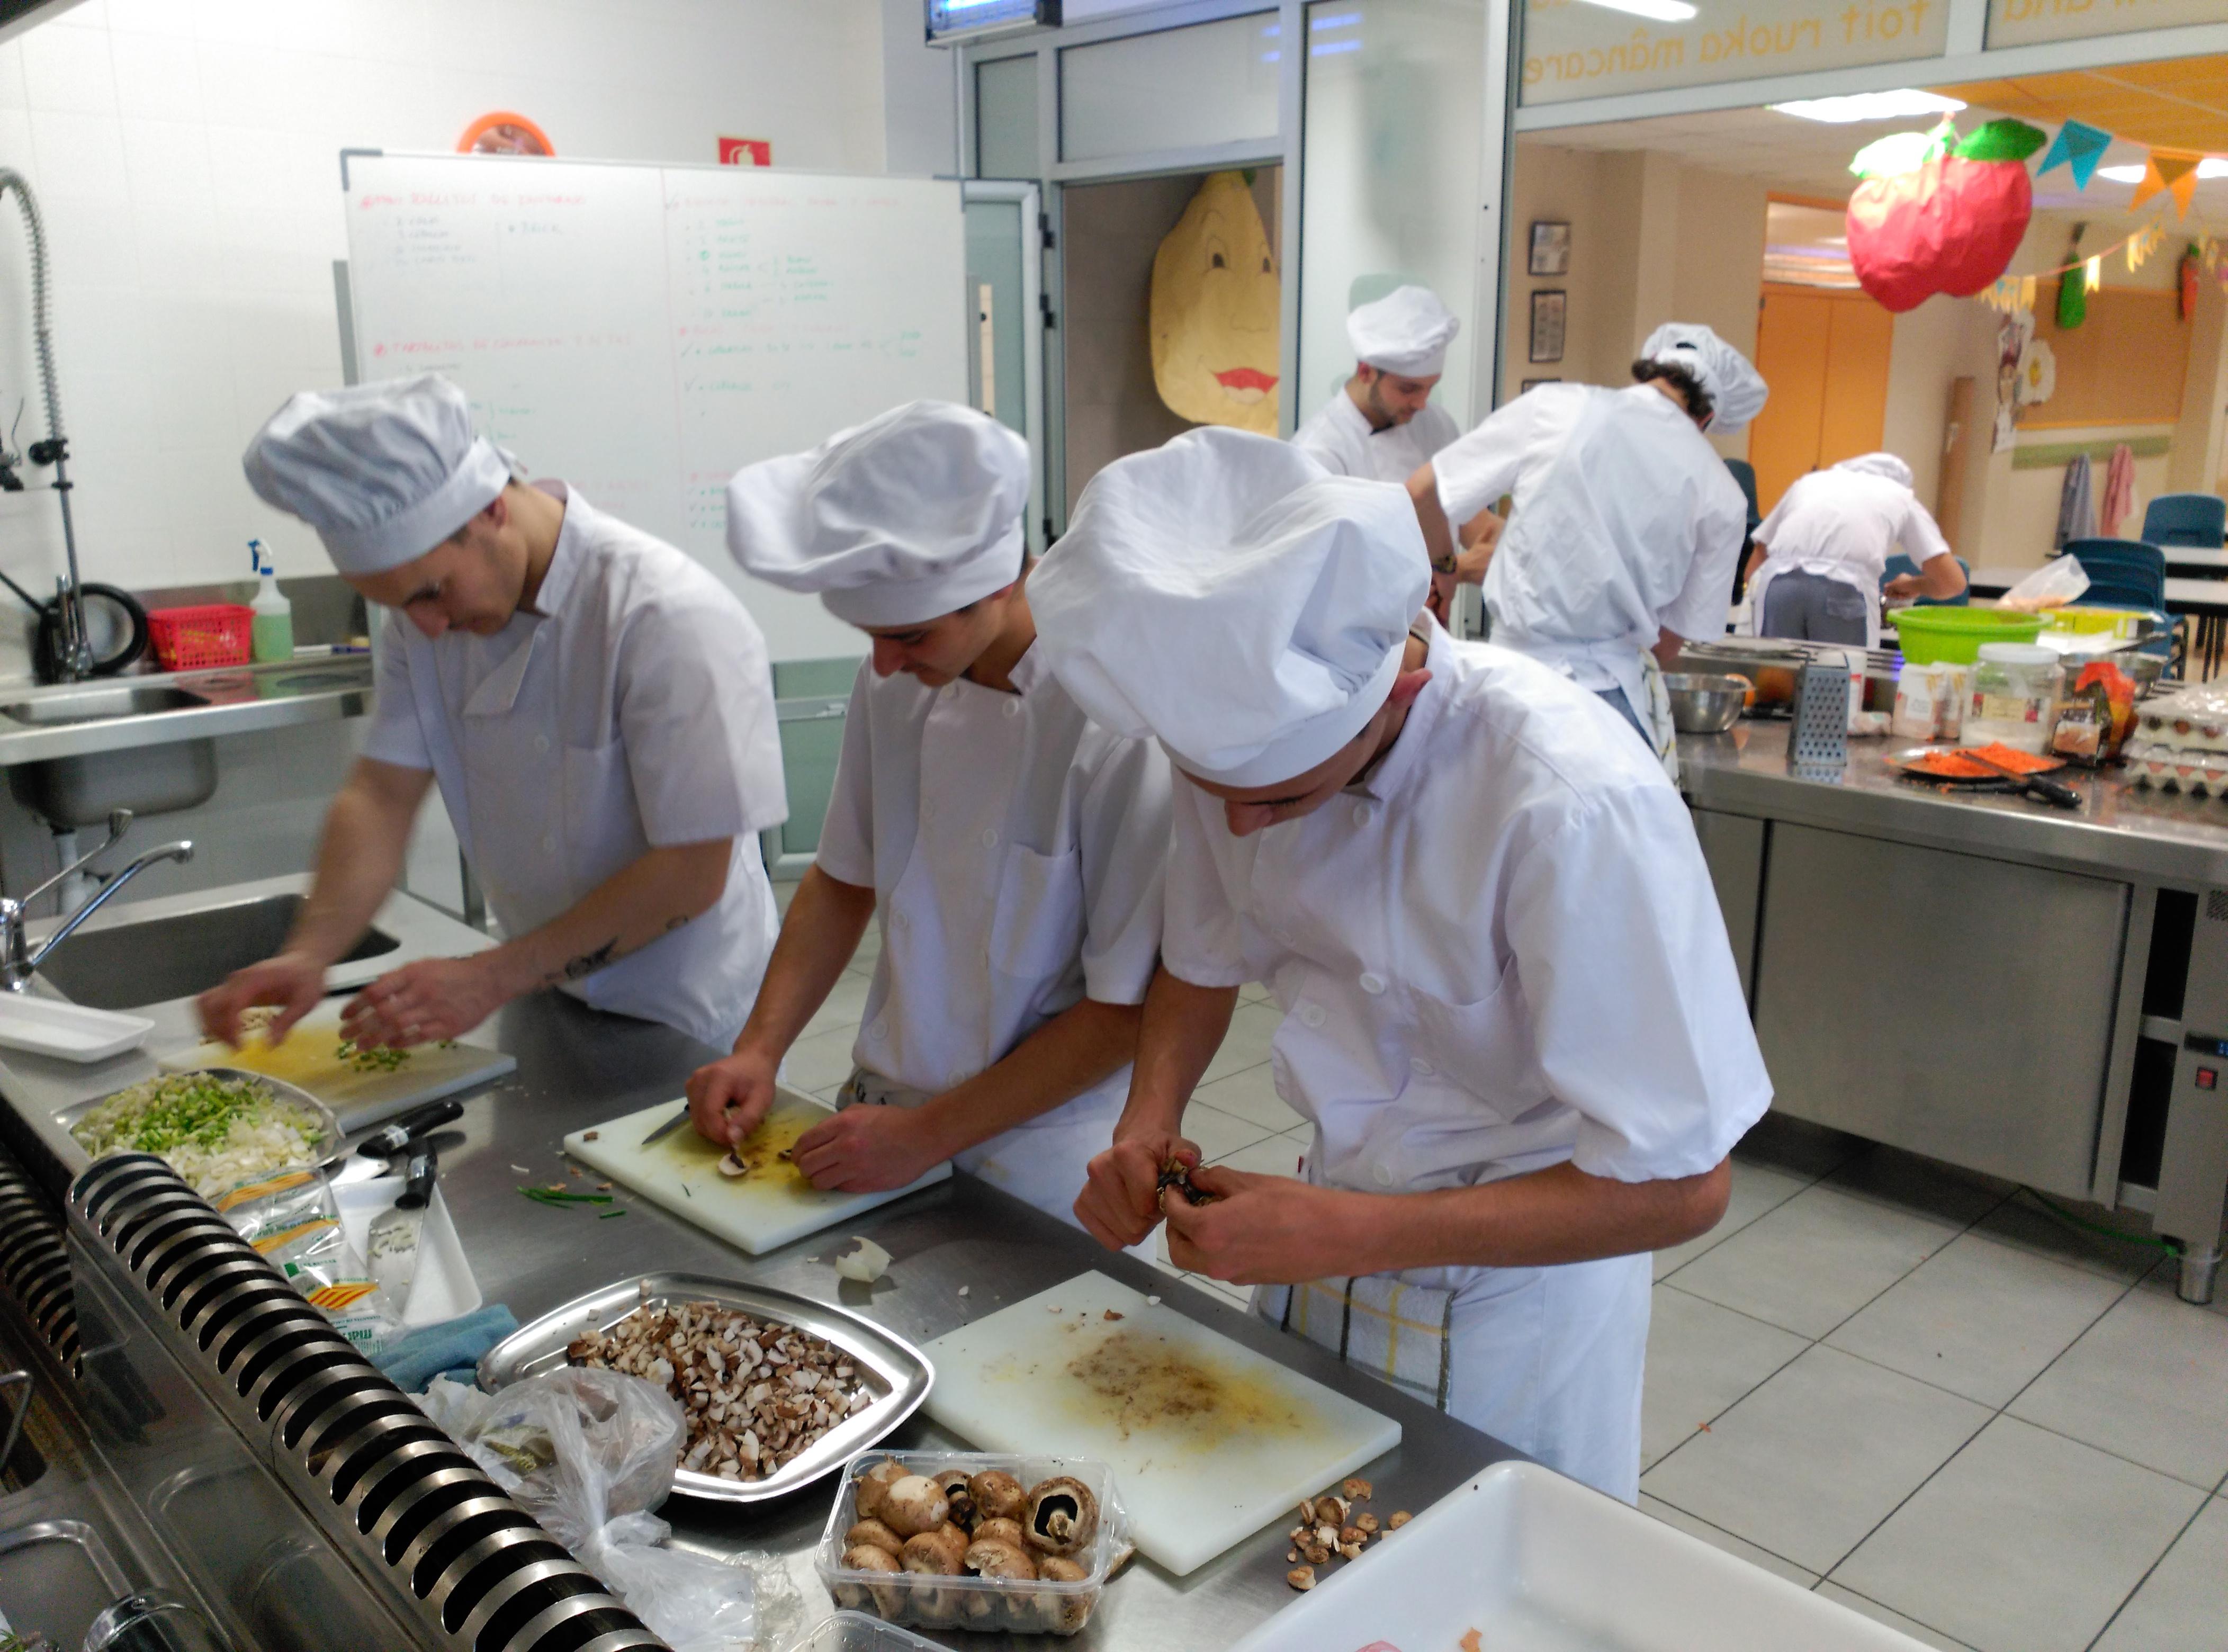 Este mes comienza un nuevo curso del programa de cualificaci n espec fica de ayudante de cocina - Curso de ayudante de cocina ...